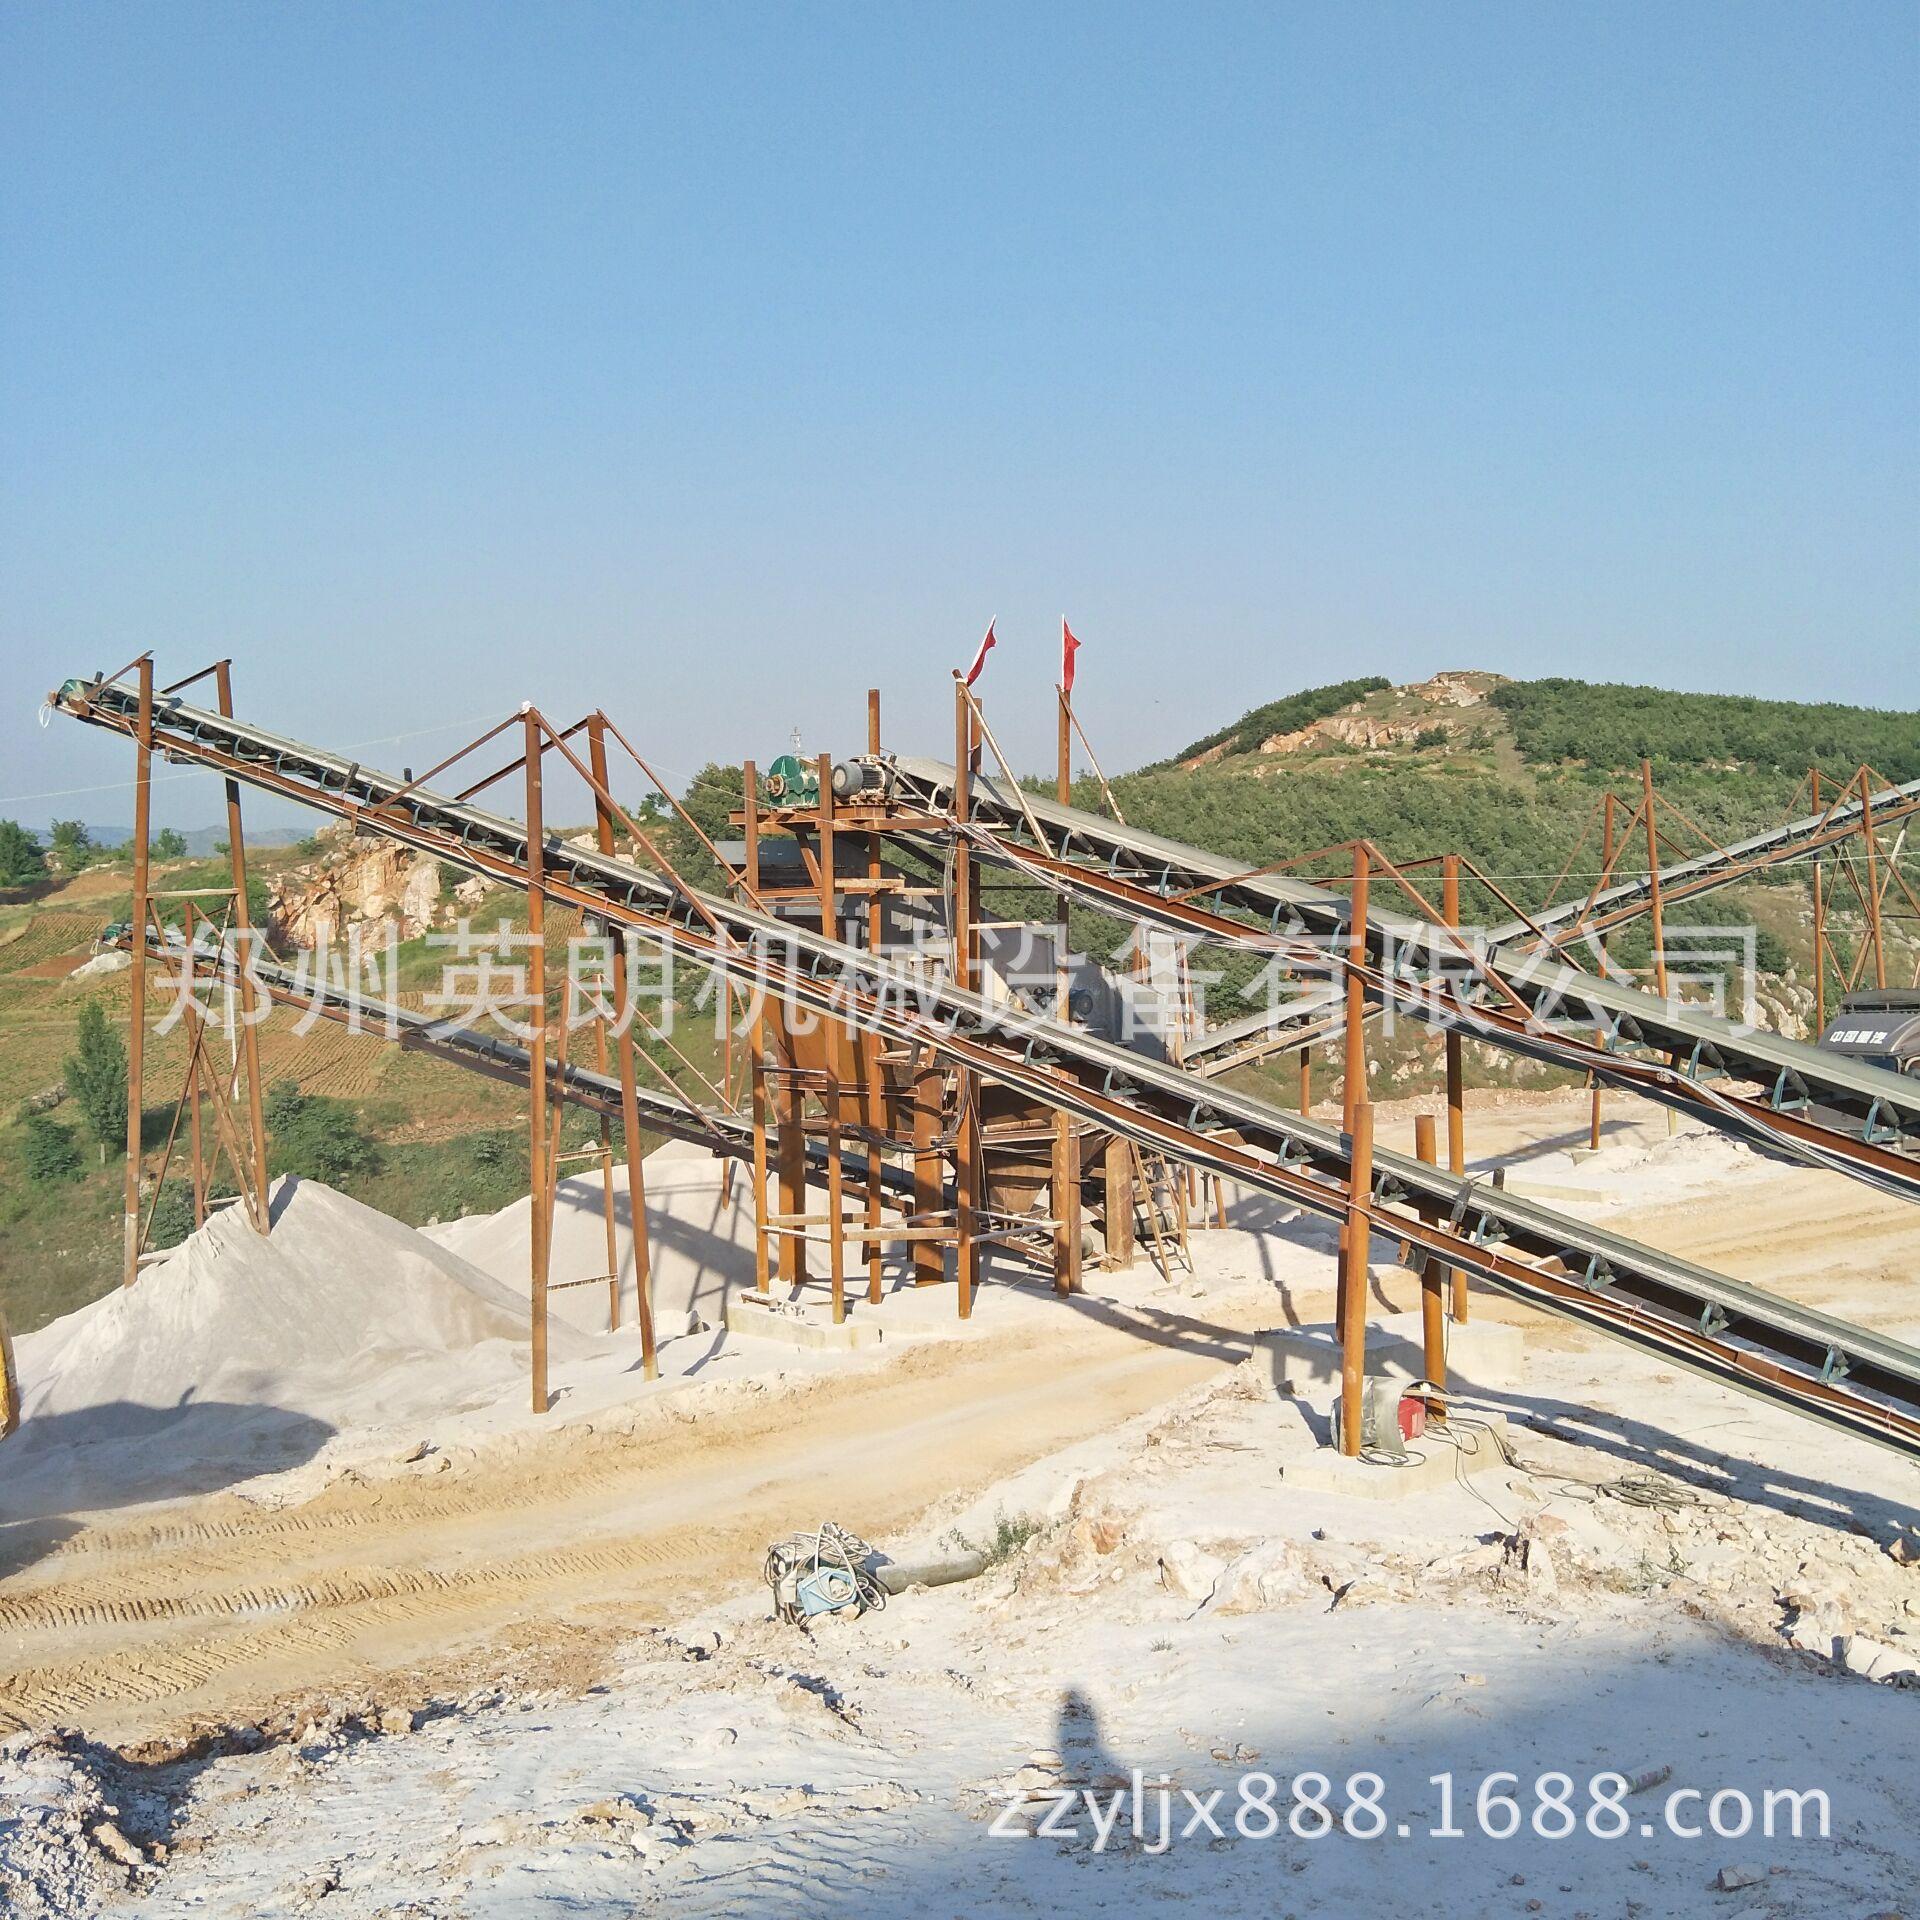 石料生产线全套设备配置 砂石石料生产线 大型石头破碎生产线示例图3